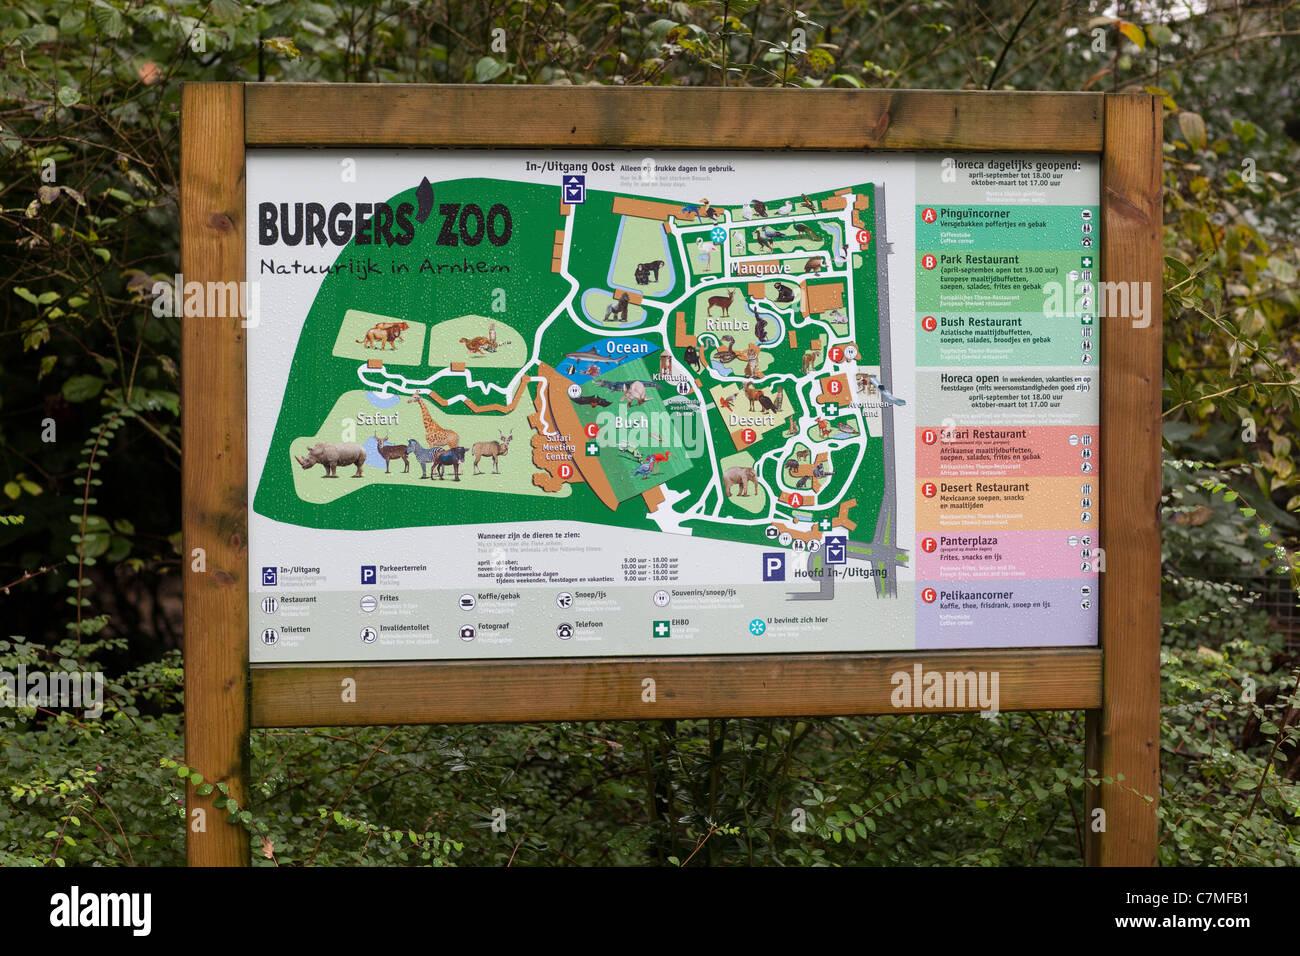 zoo holland karte Burgers Zoo Holland Stockfotos und  bilder Kaufen   Alamy